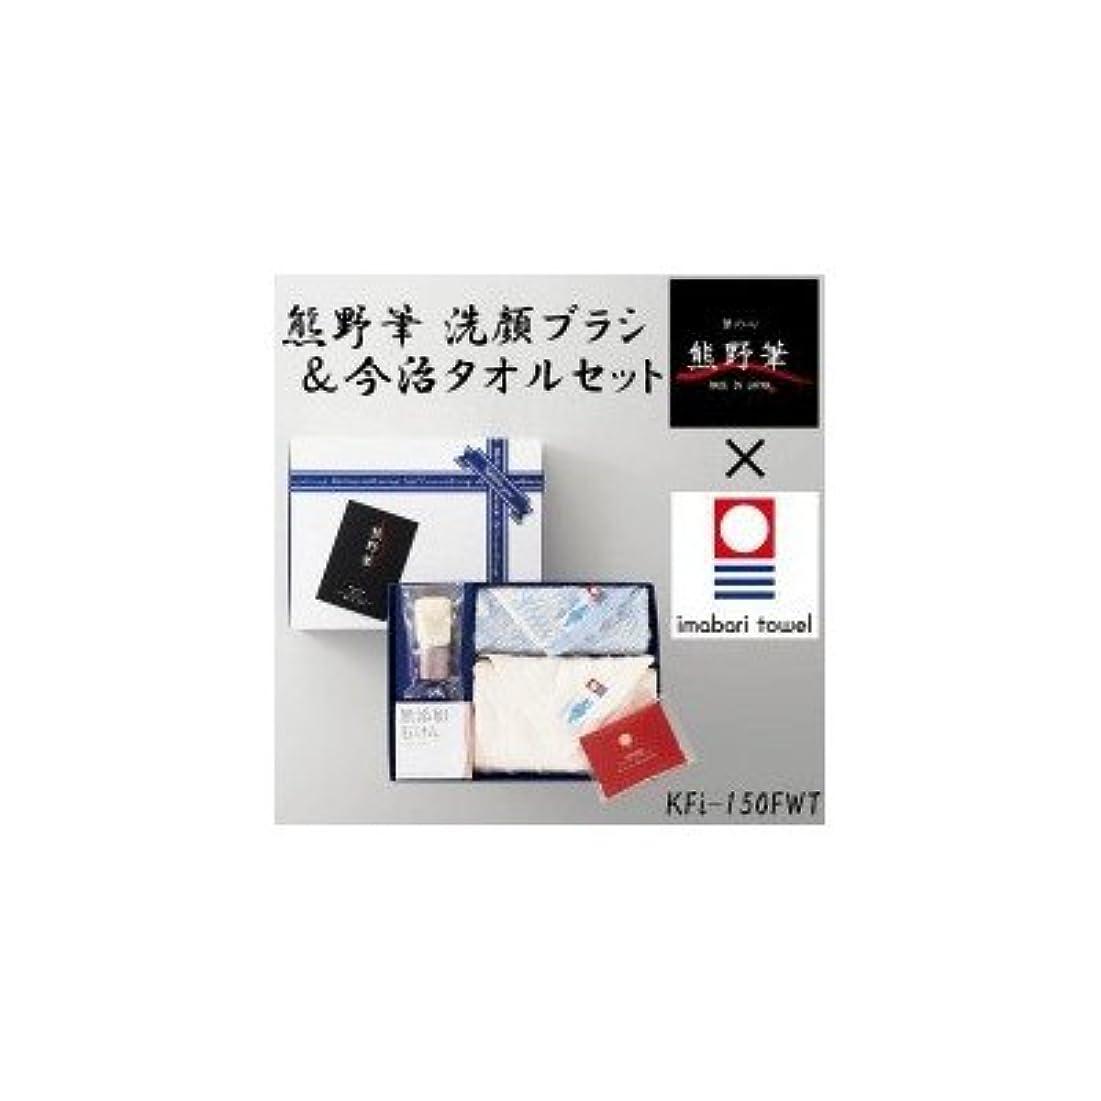 ほぼ満足させる蒸熊野筆と今治タオルのコラボレーション 熊野筆 洗顔ブラシ&今治タオルセット KFi-150FWT